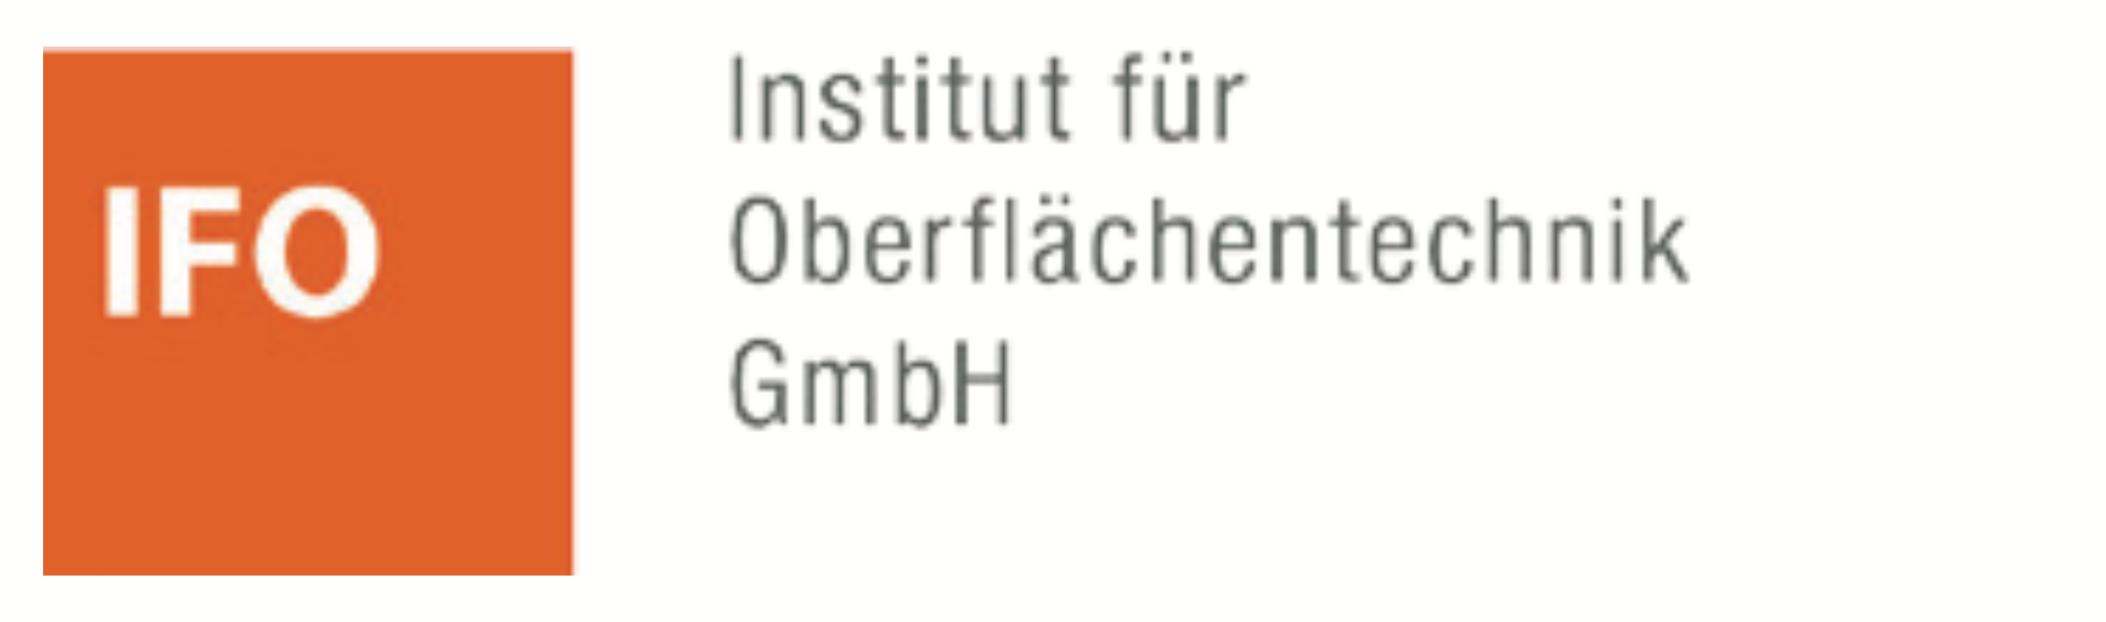 Institut für Oberflächentechnik